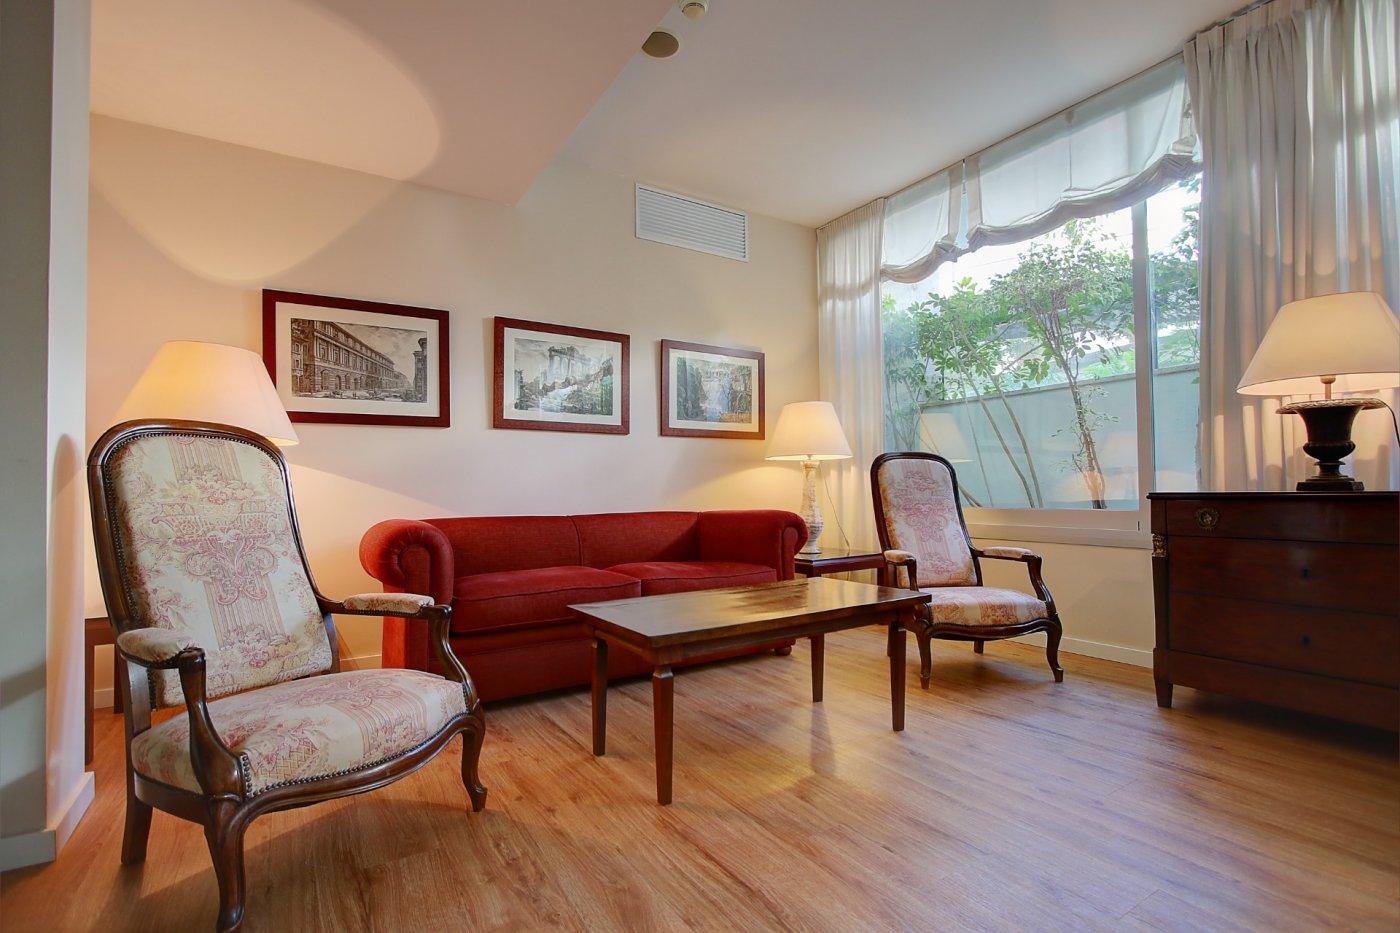 Apartamento en venta las arcadias - general riera. - imagenInmueble9